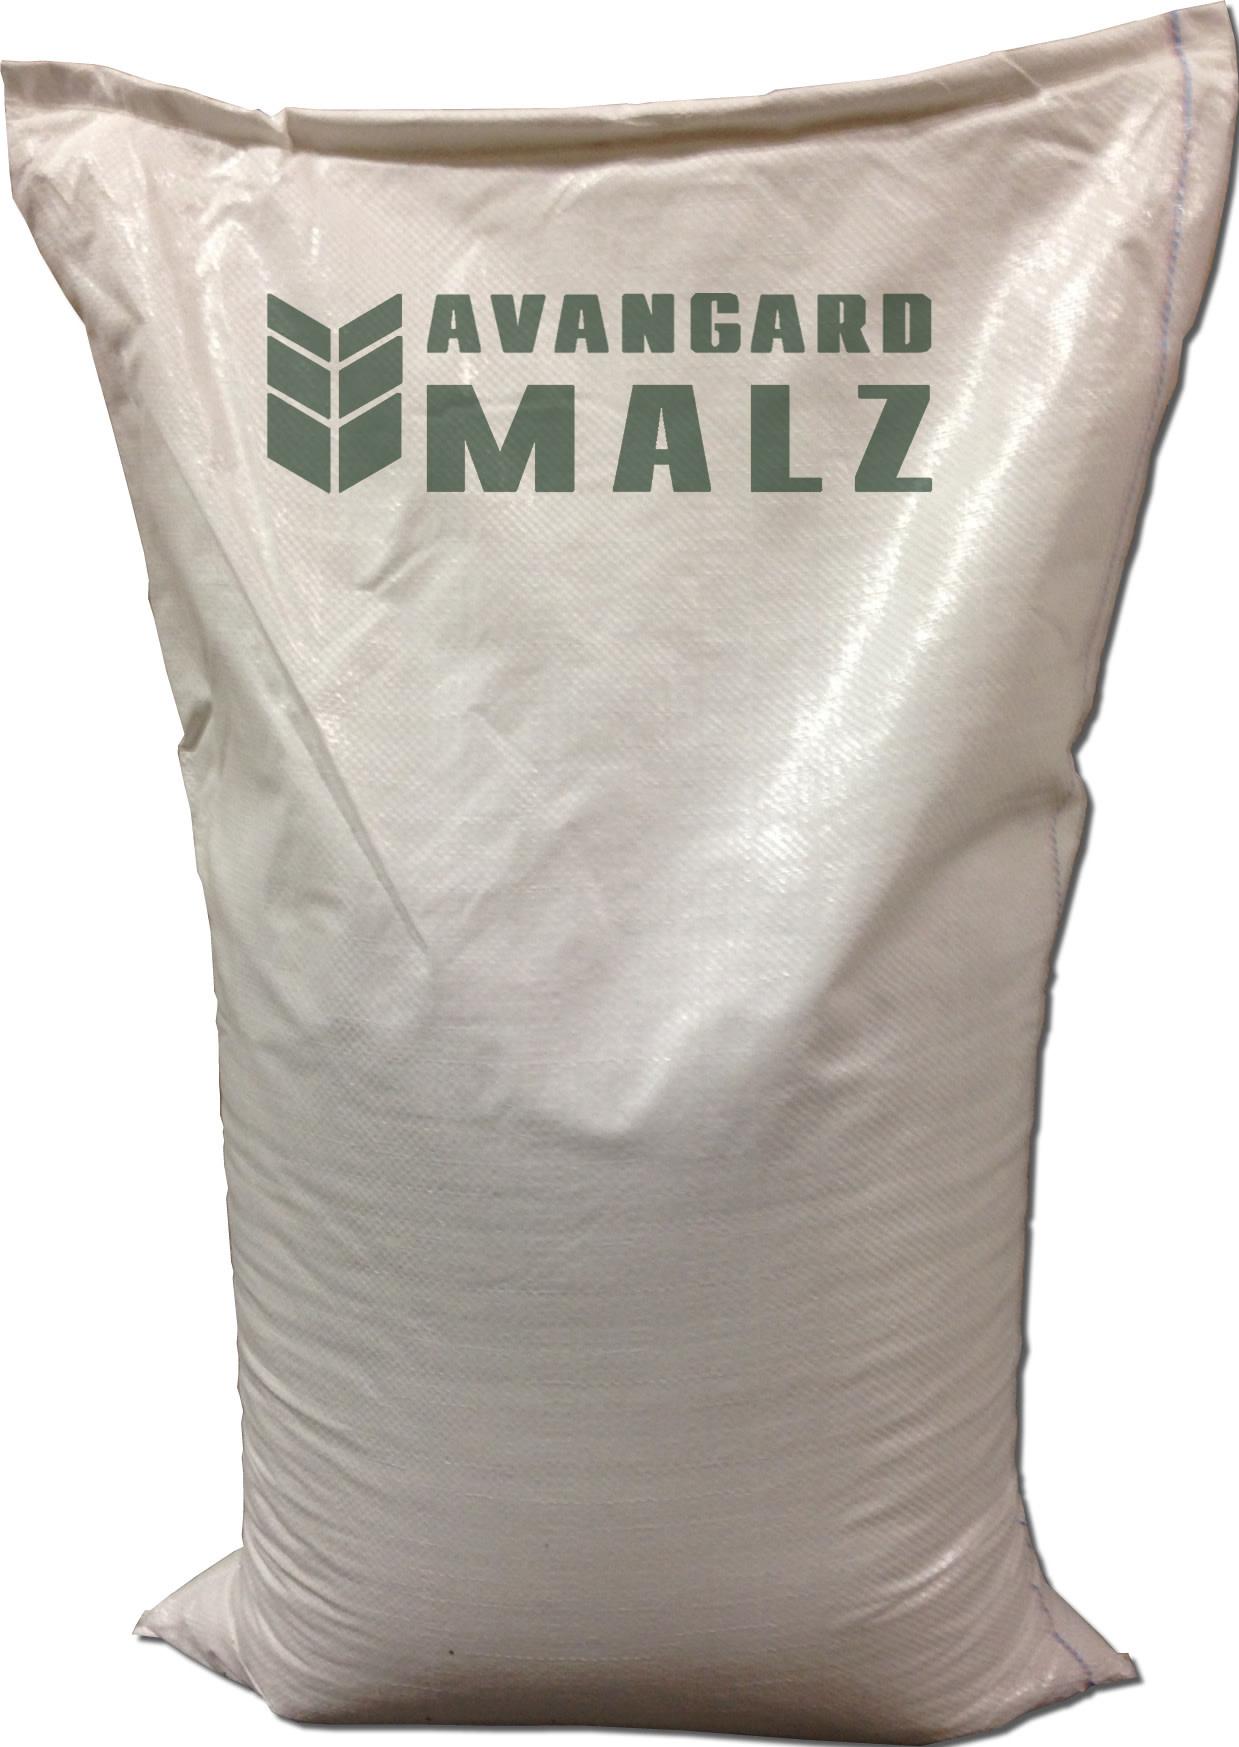 Avangard Avangard Pilsner Malt 55 Lb Bulk Sack